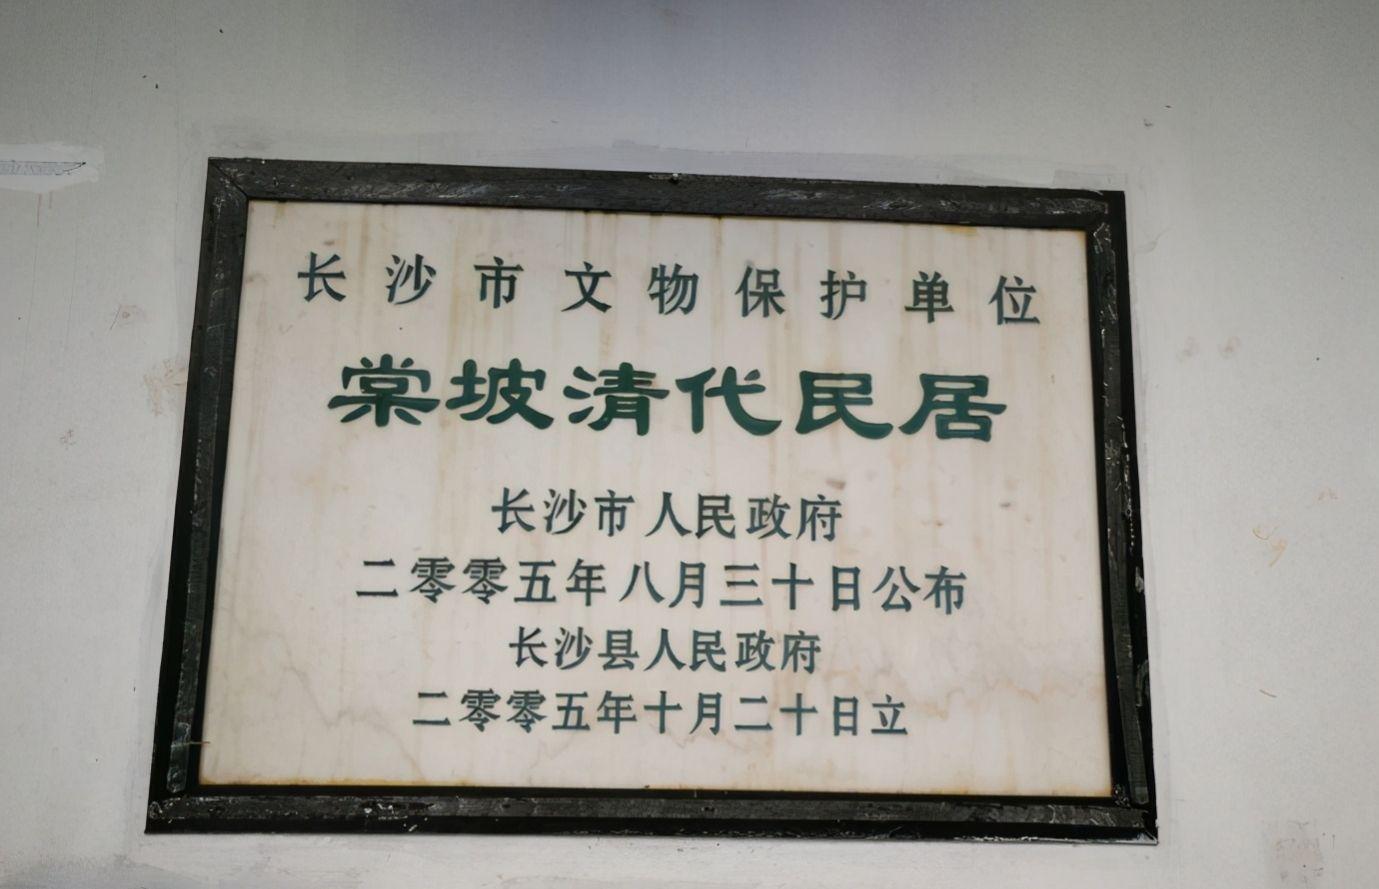 曾祥裕风水团队考察长沙县棠坡清代民居生态环境随笔